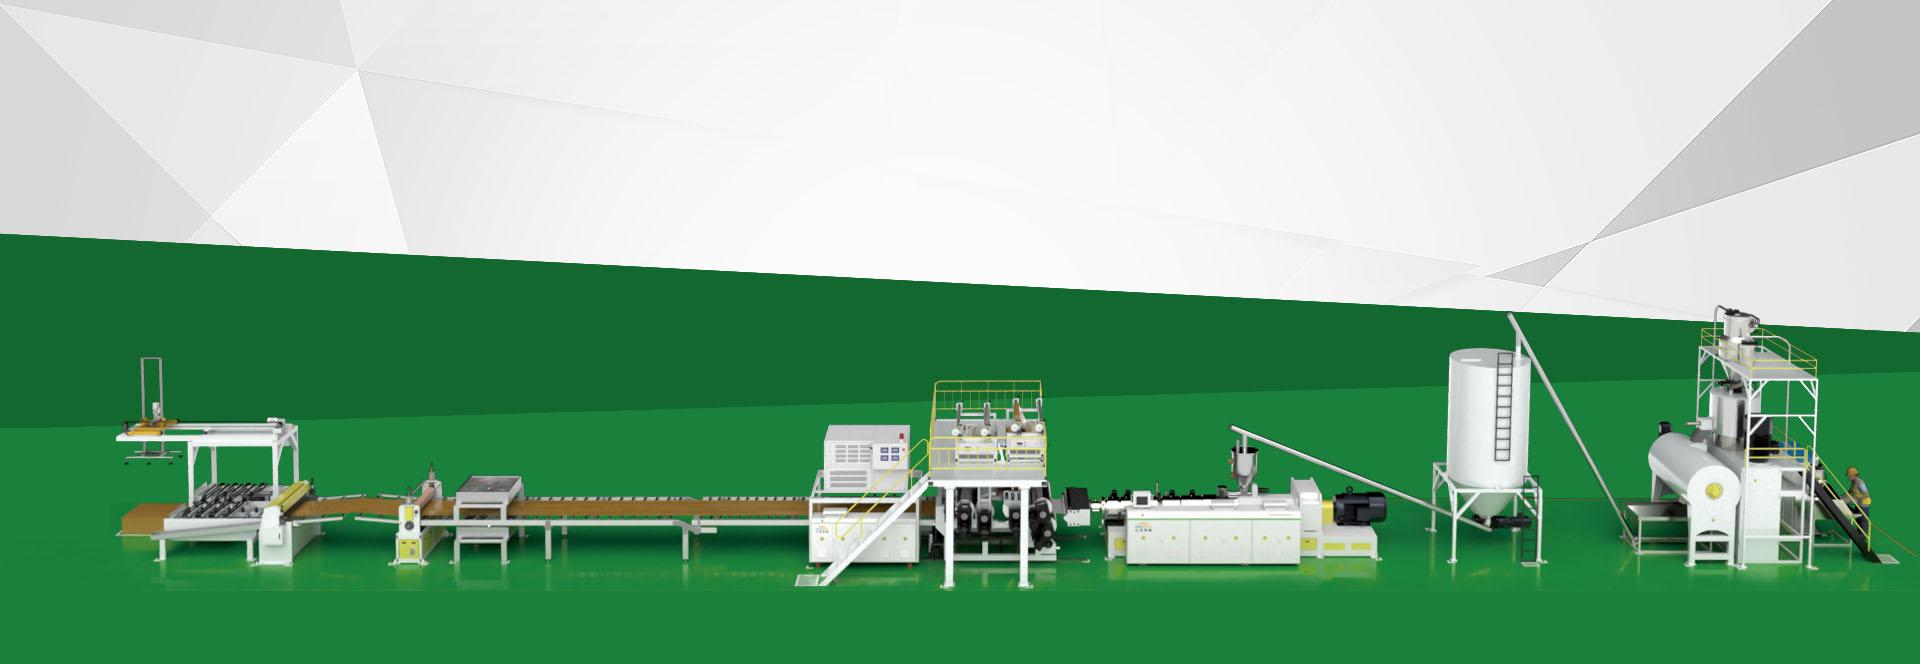 EIR SPC Flooring Production Line